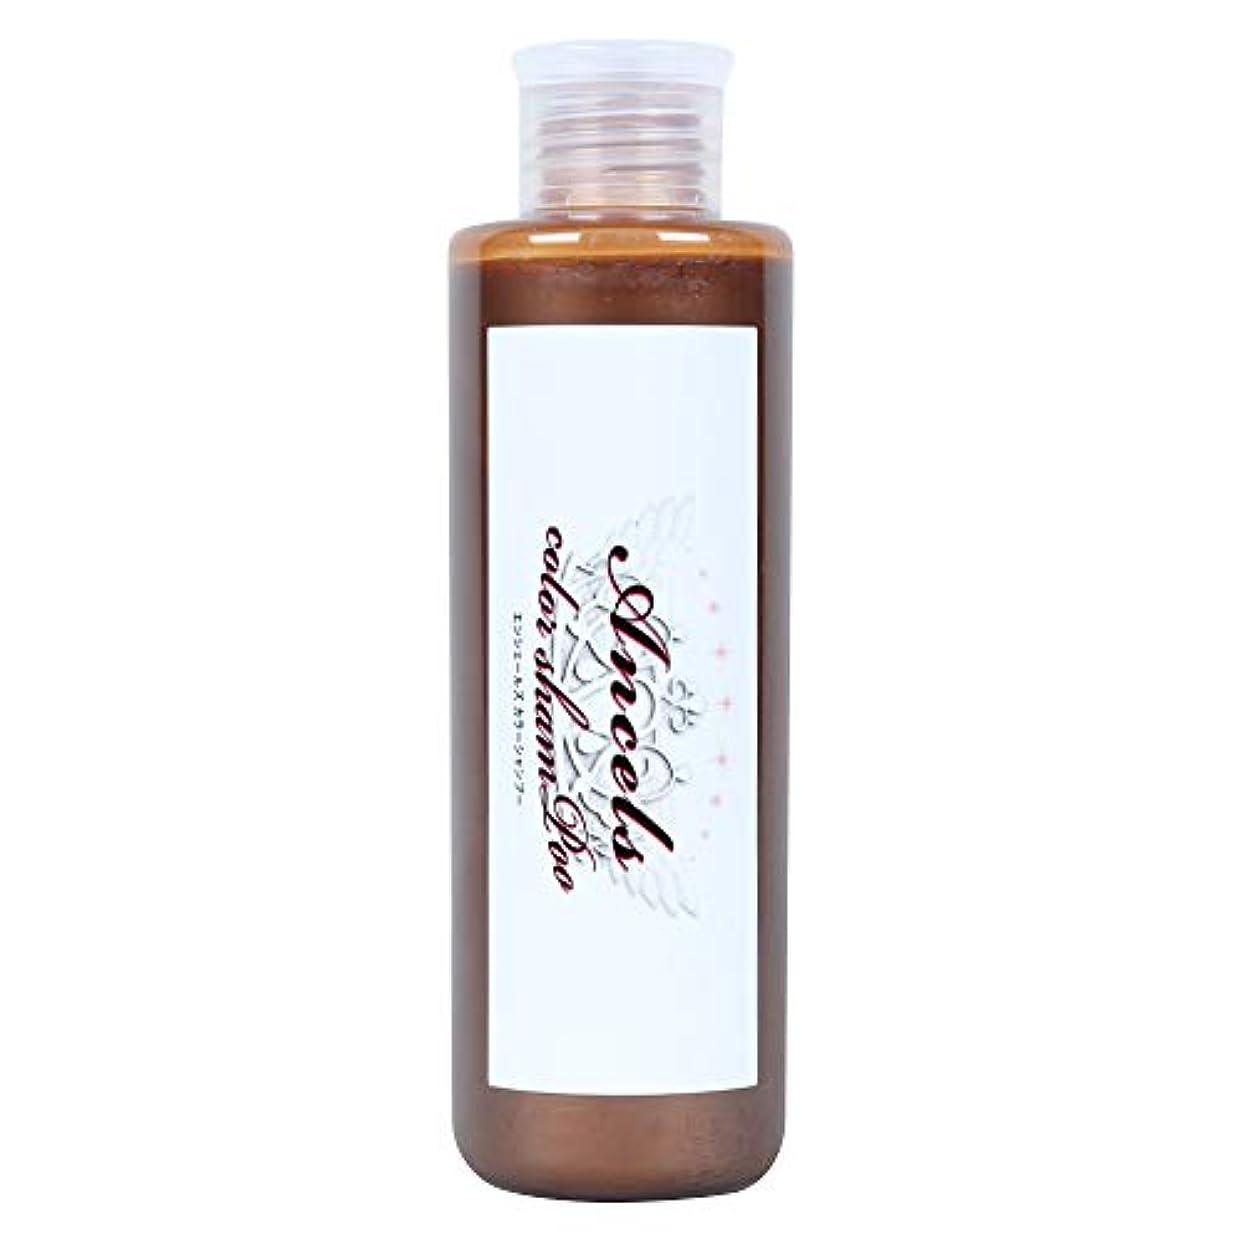 癌触覚シャンプーAncels color shampoo エンシェールズ カラーシャンプー ミルクティー 200ml